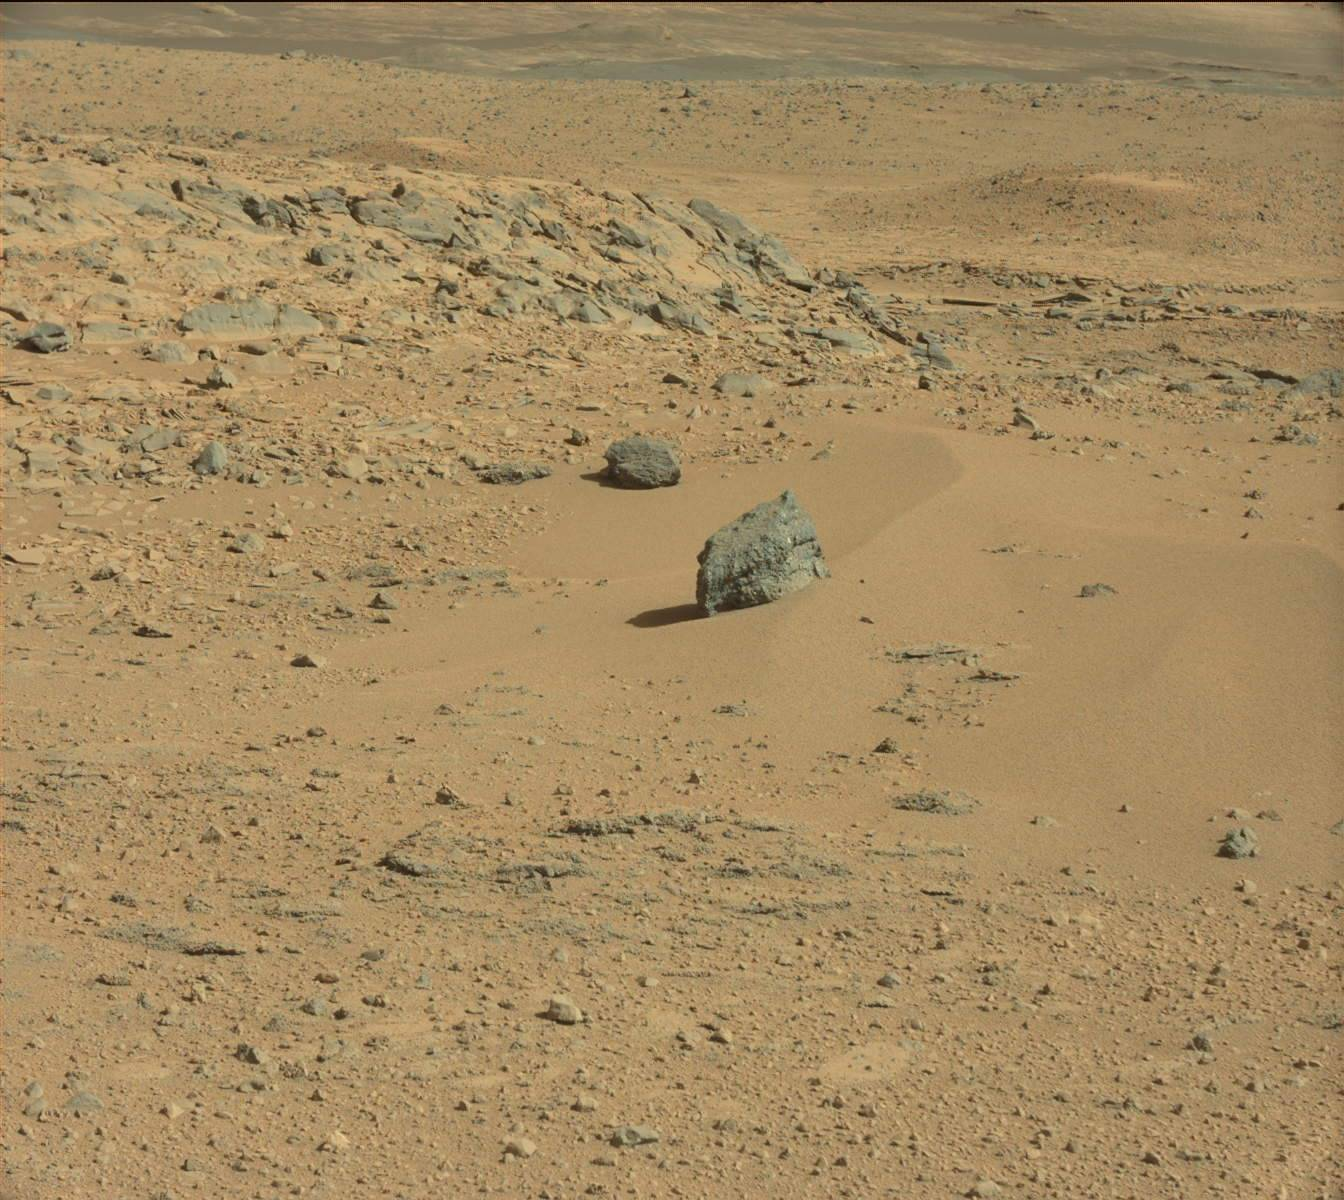 nasa mars exploration program - photo #29